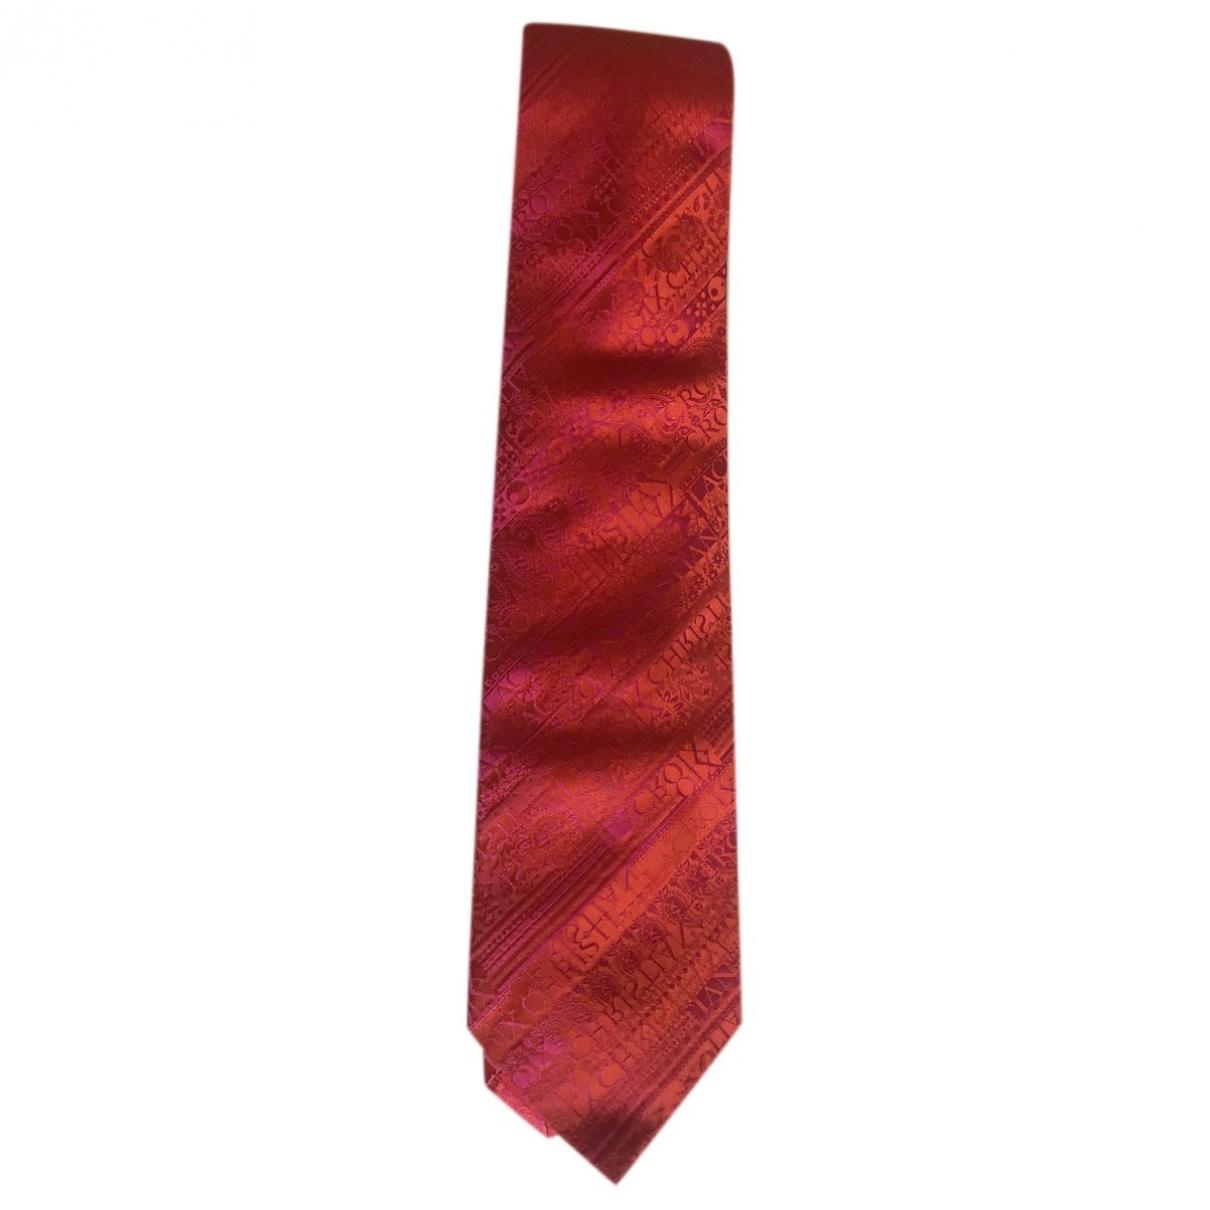 Christian Lacroix - Cravates   pour homme en soie - orange